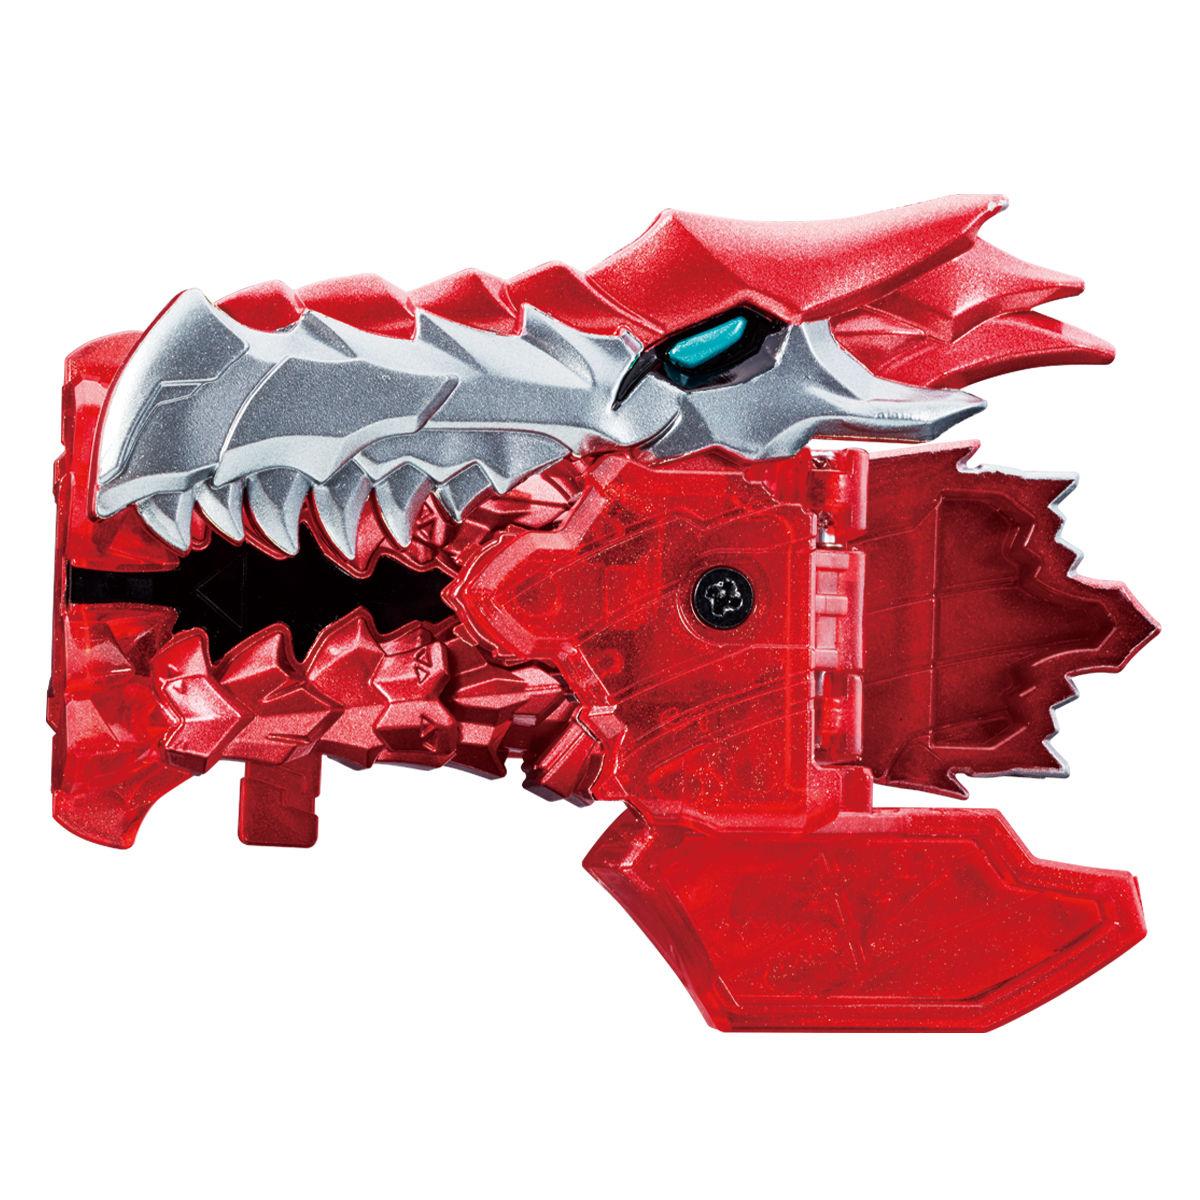 騎士竜戦隊リュウソウジャー『DXリュウソウカリバー』変身なりきり-003